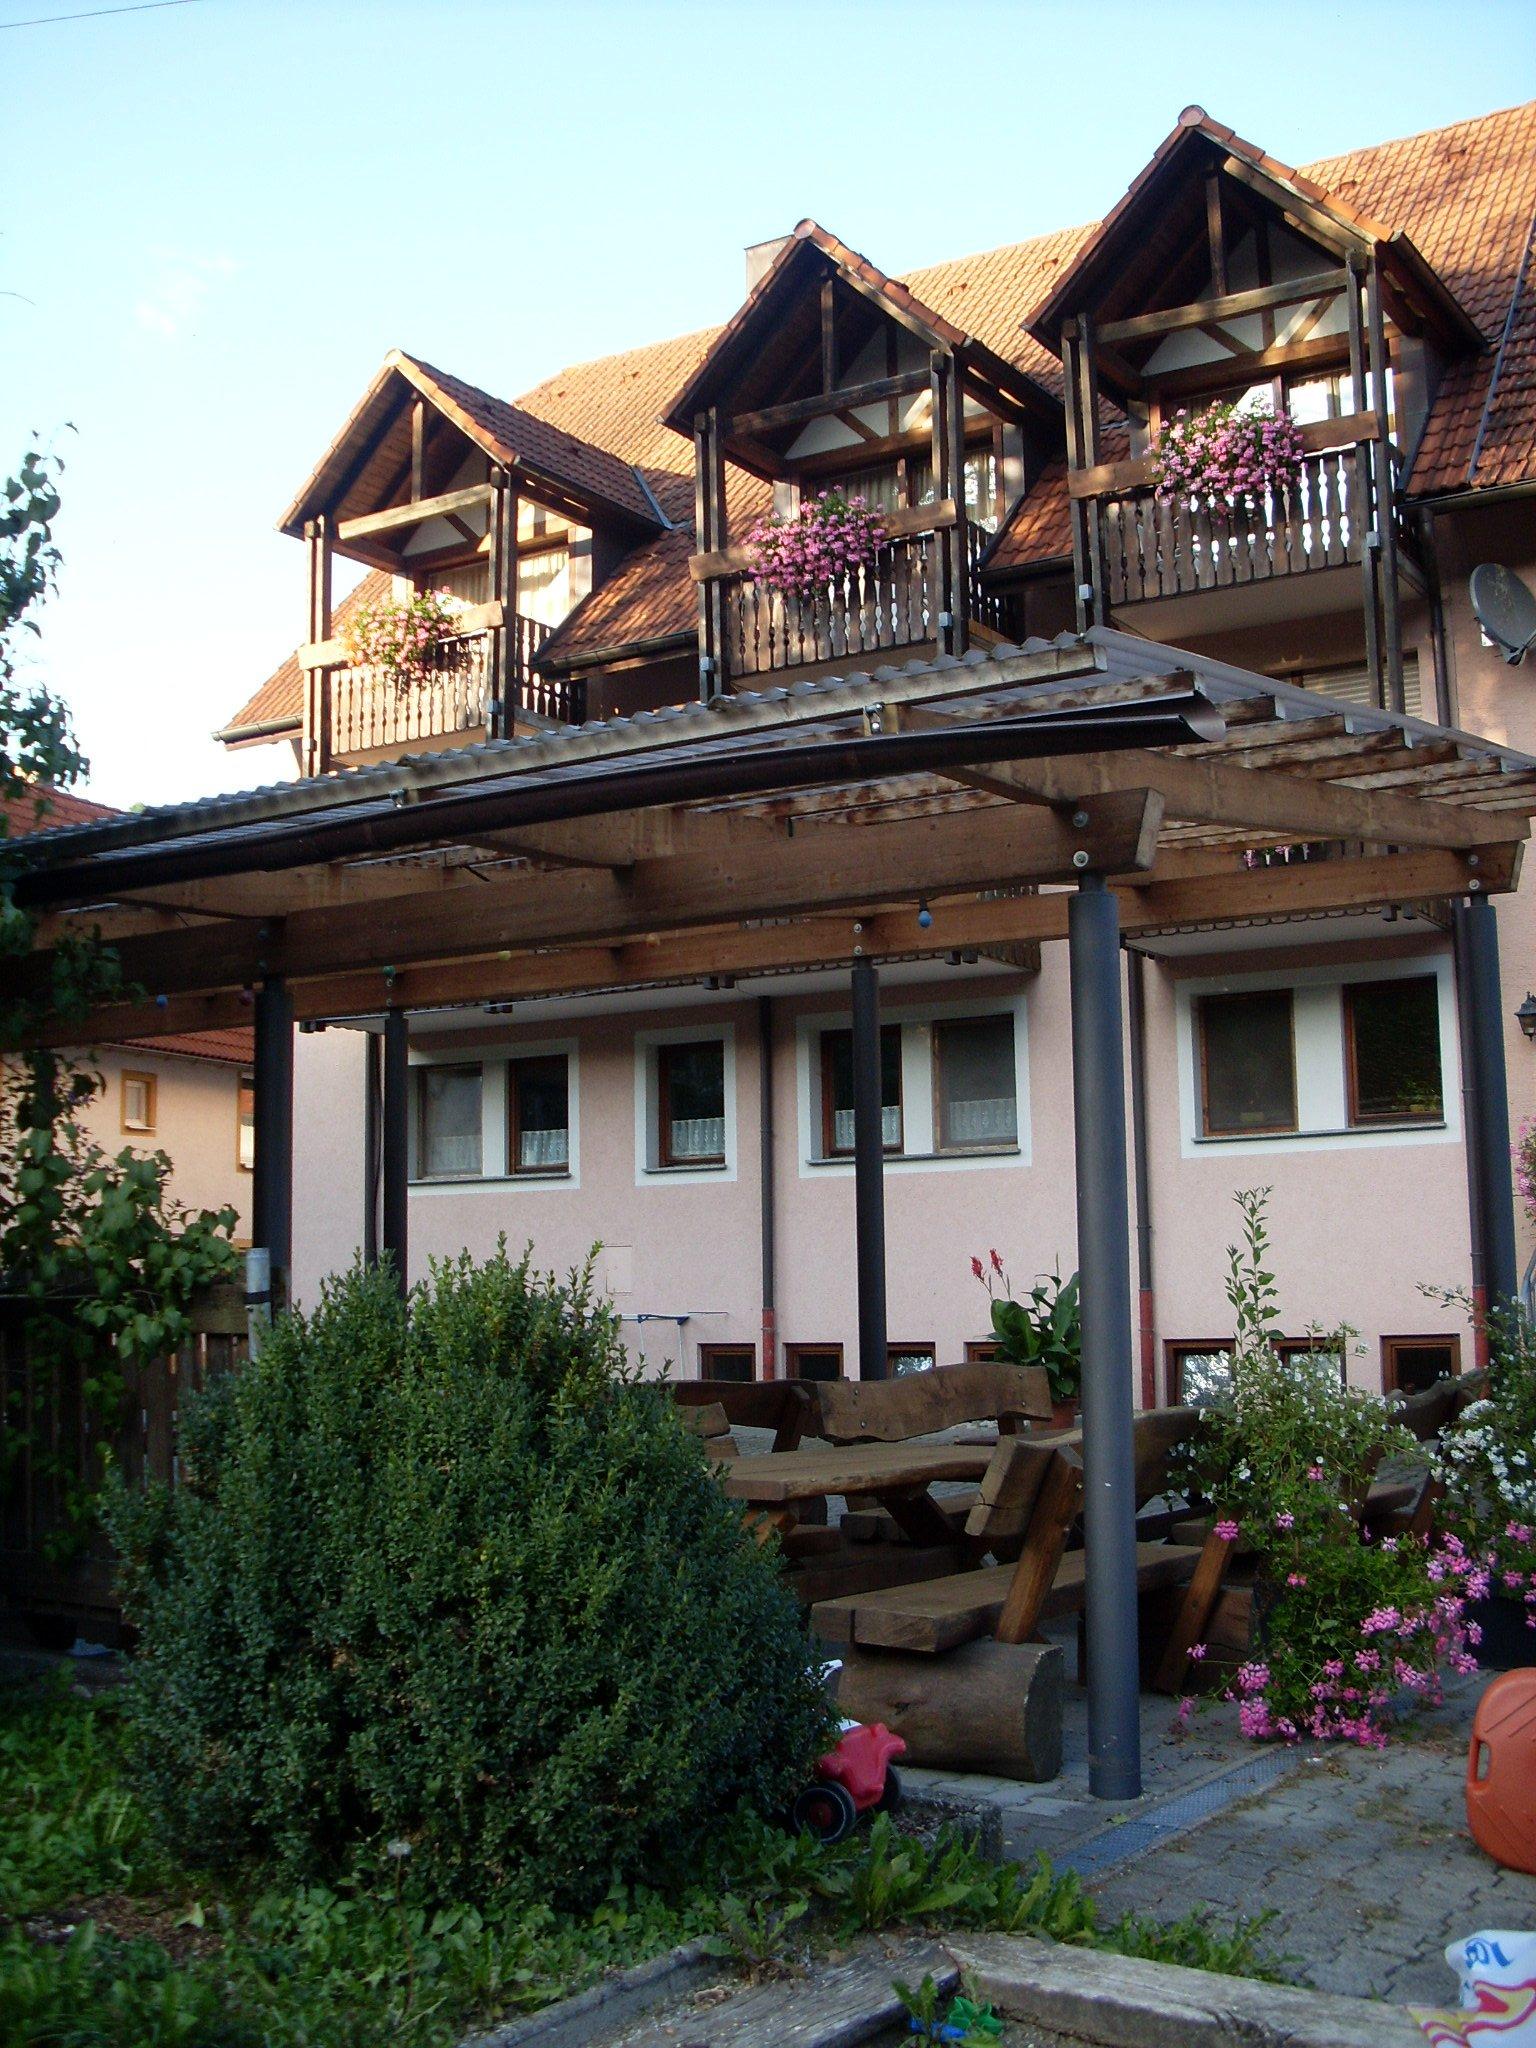 Gasthof zum Rössle von der Rückseite. Am Balkon hängen in Geranien in Blumenkästen.Vor dem Haus ist eine überdachte Terrasse mit Tisch und Bänken aus Holz.